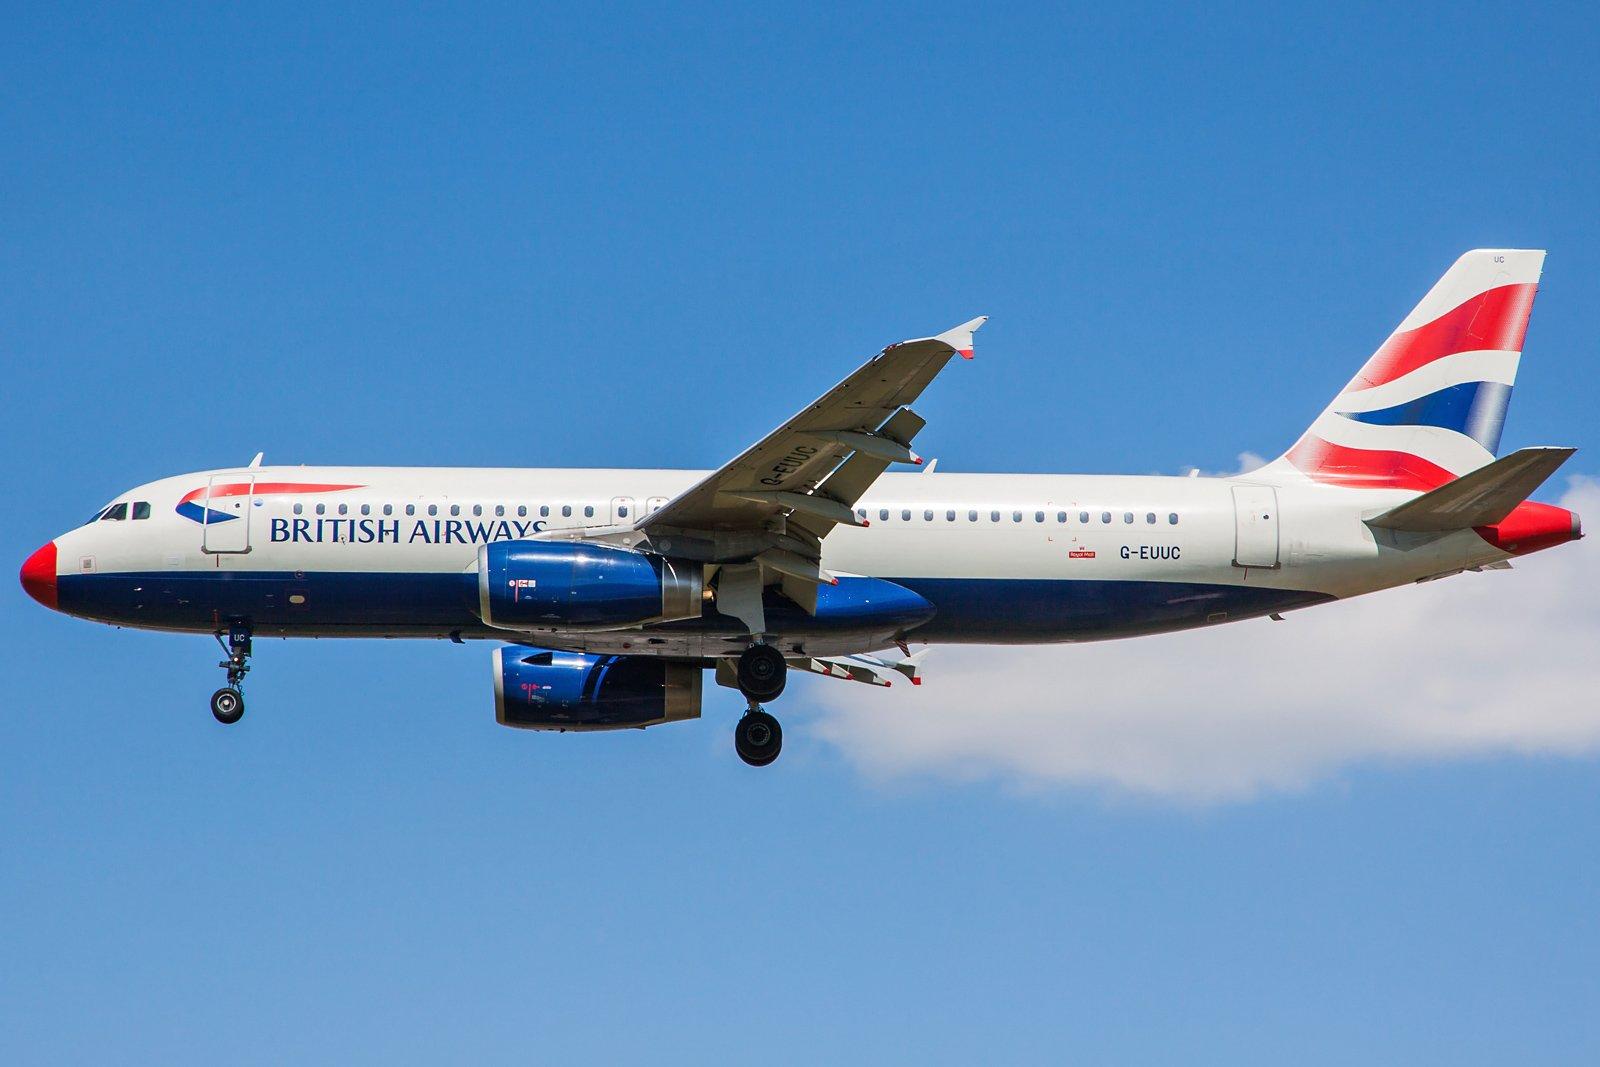 British Airways Airbus A320-232 G-EUUC